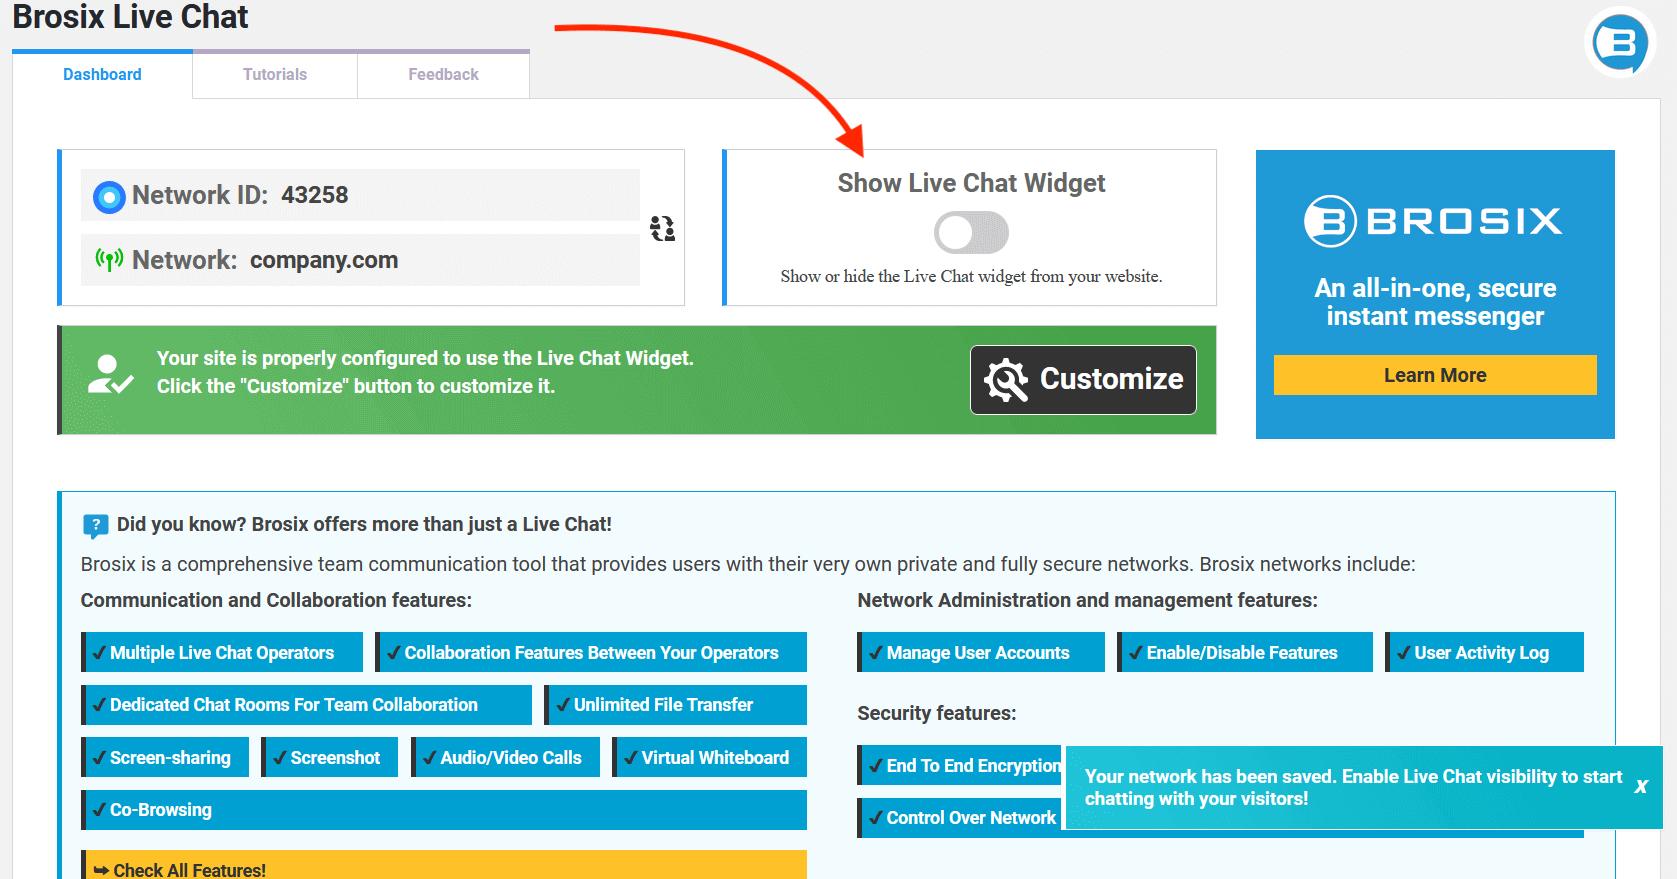 Click show live chat widget